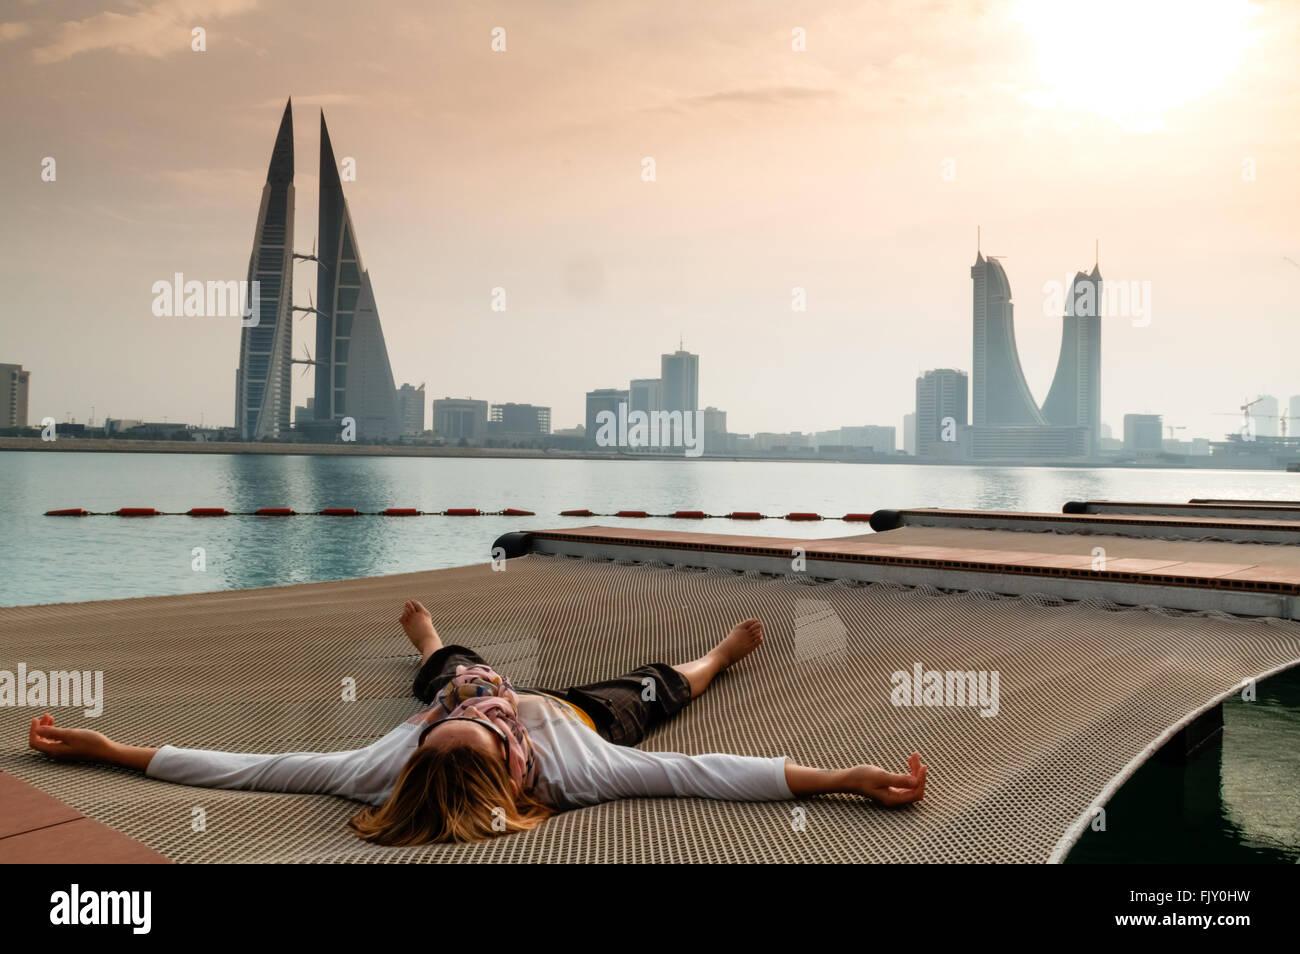 Mujer recostada sobre Net en el muelle contra el cielo Imagen De Stock